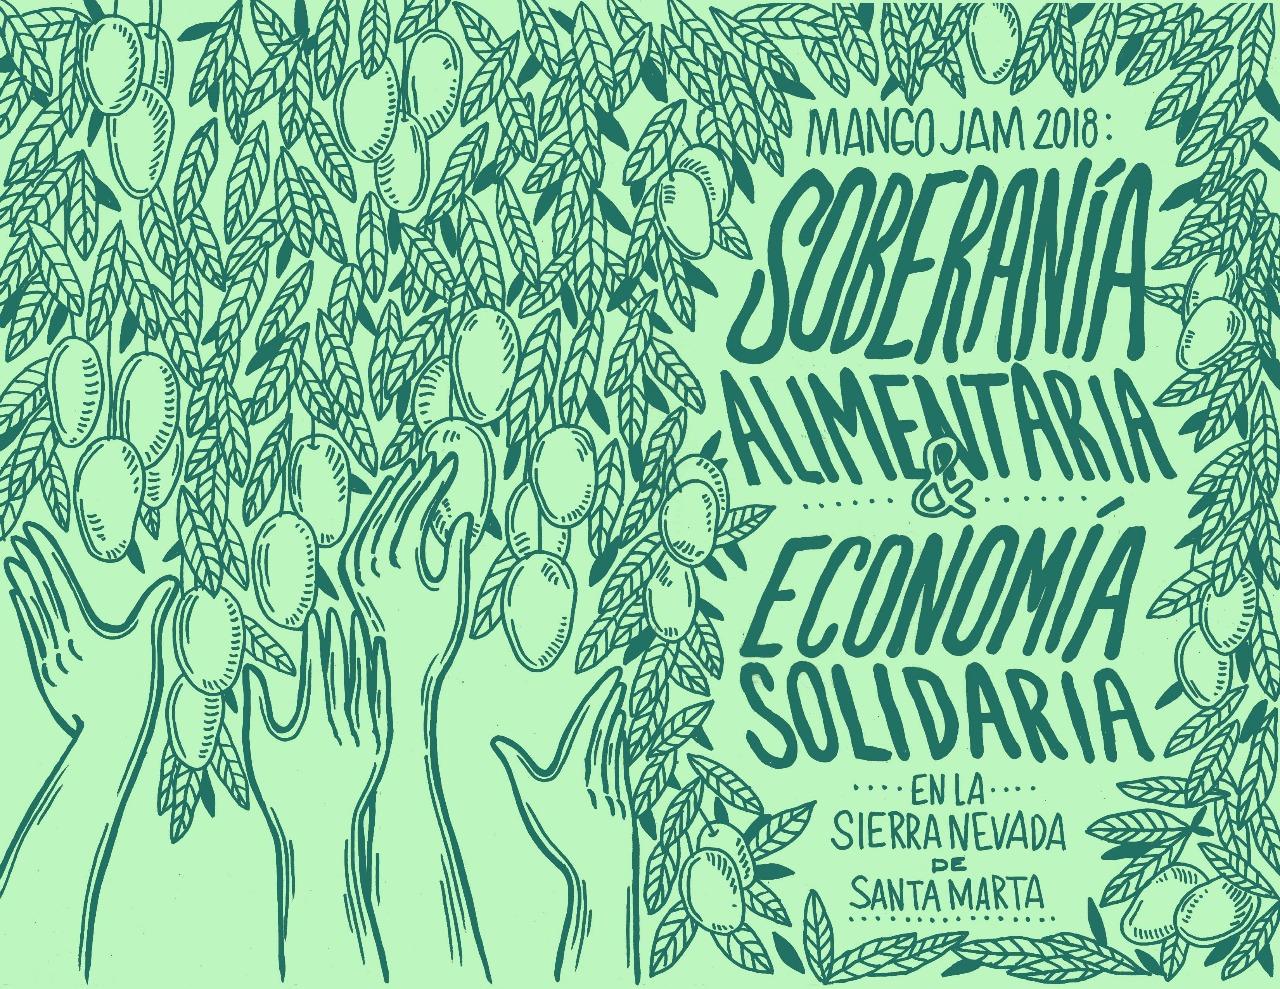 Soberania alimentaria y Economia solidaria!